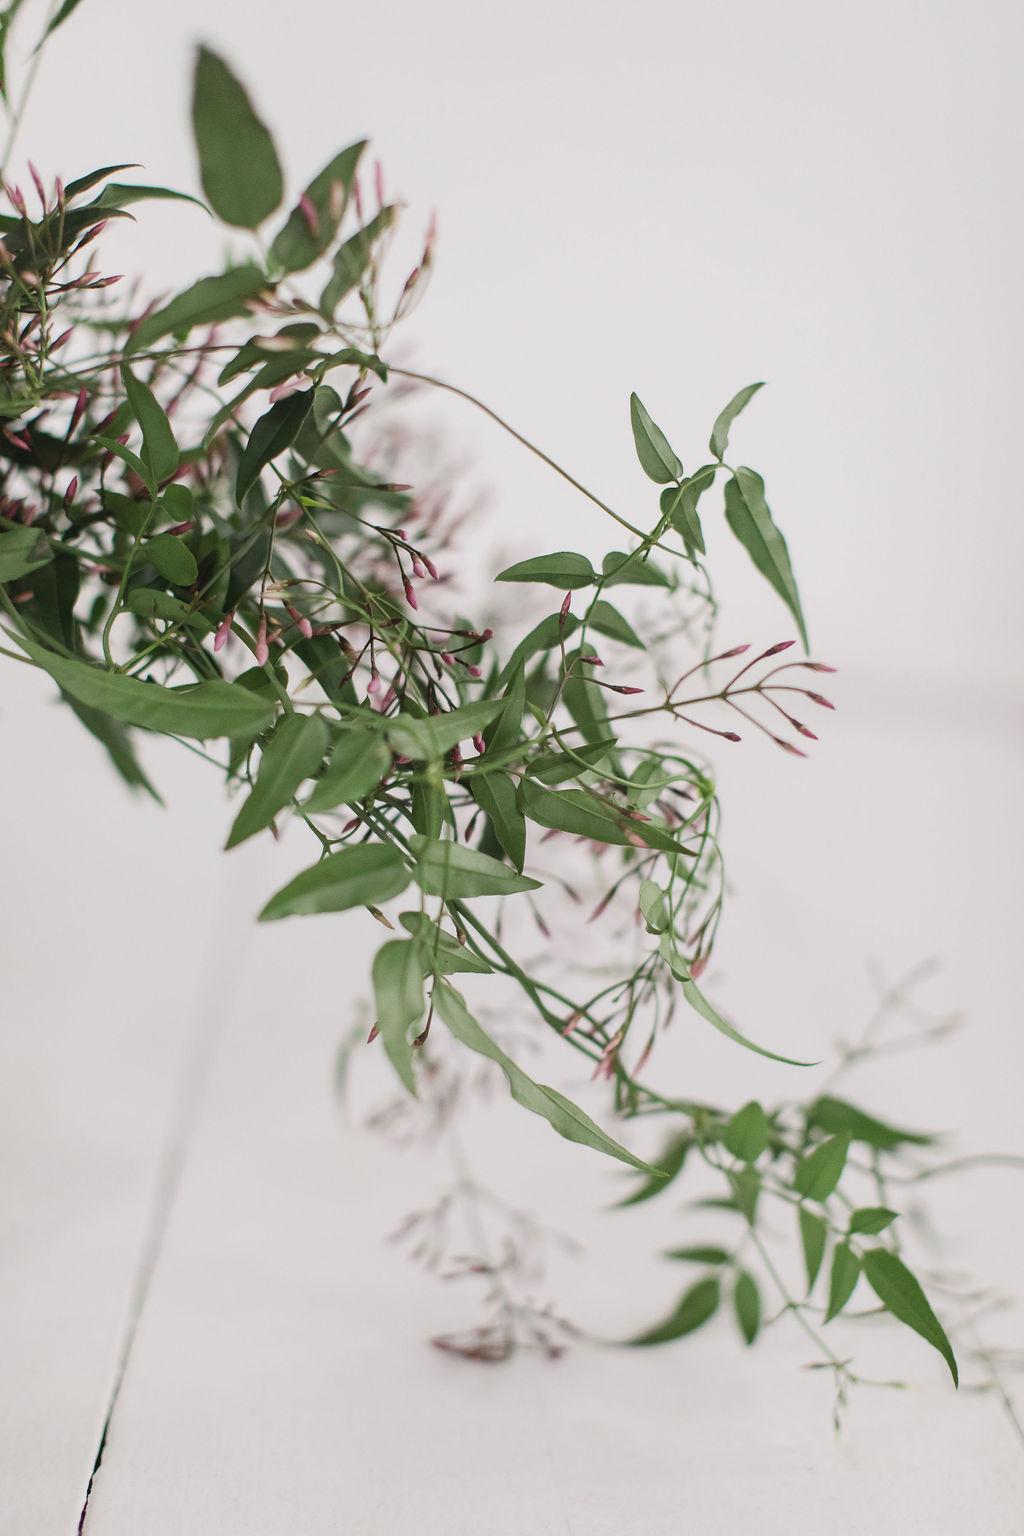 Blooming jasmine vine